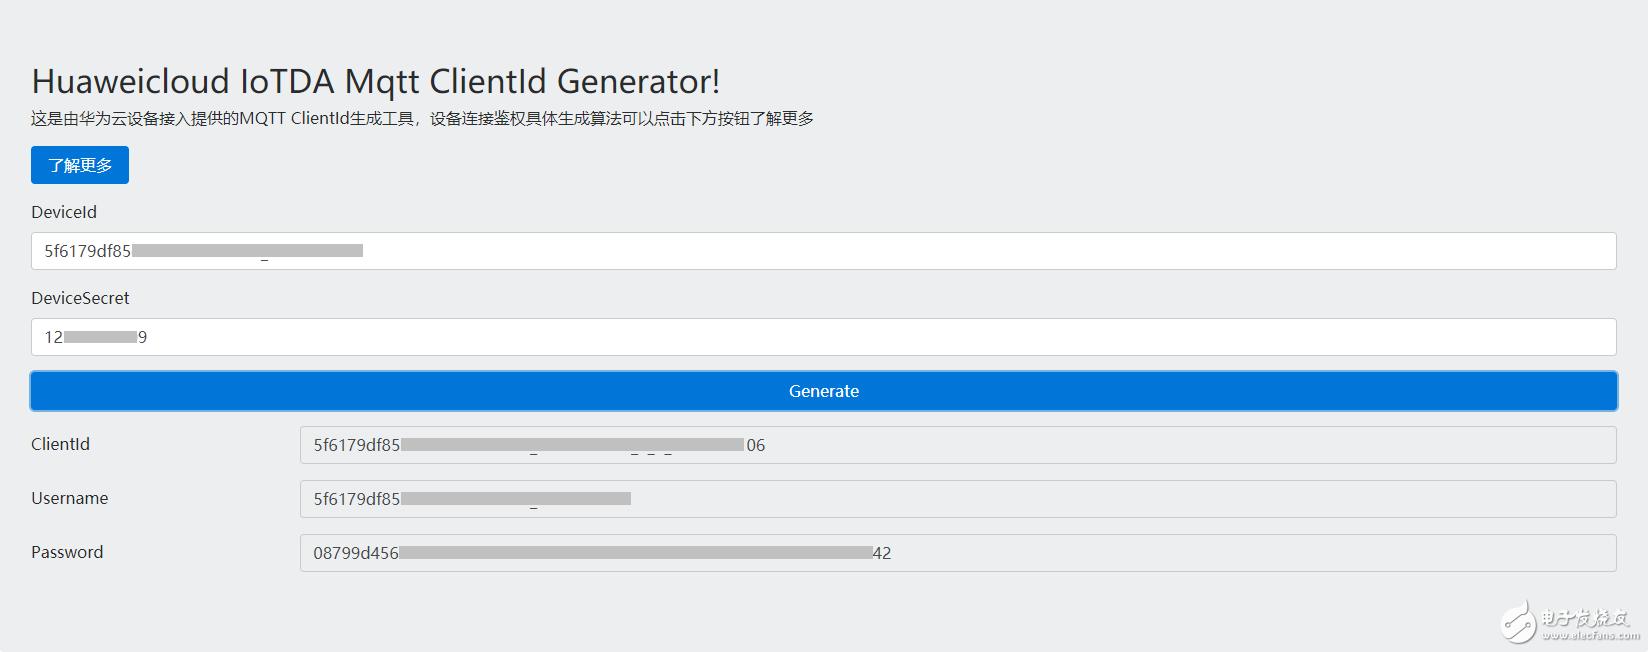 【HarmonyOS HiSpark Wi-Fi IoT 套件试用连载】MQTT发布数据到华为云